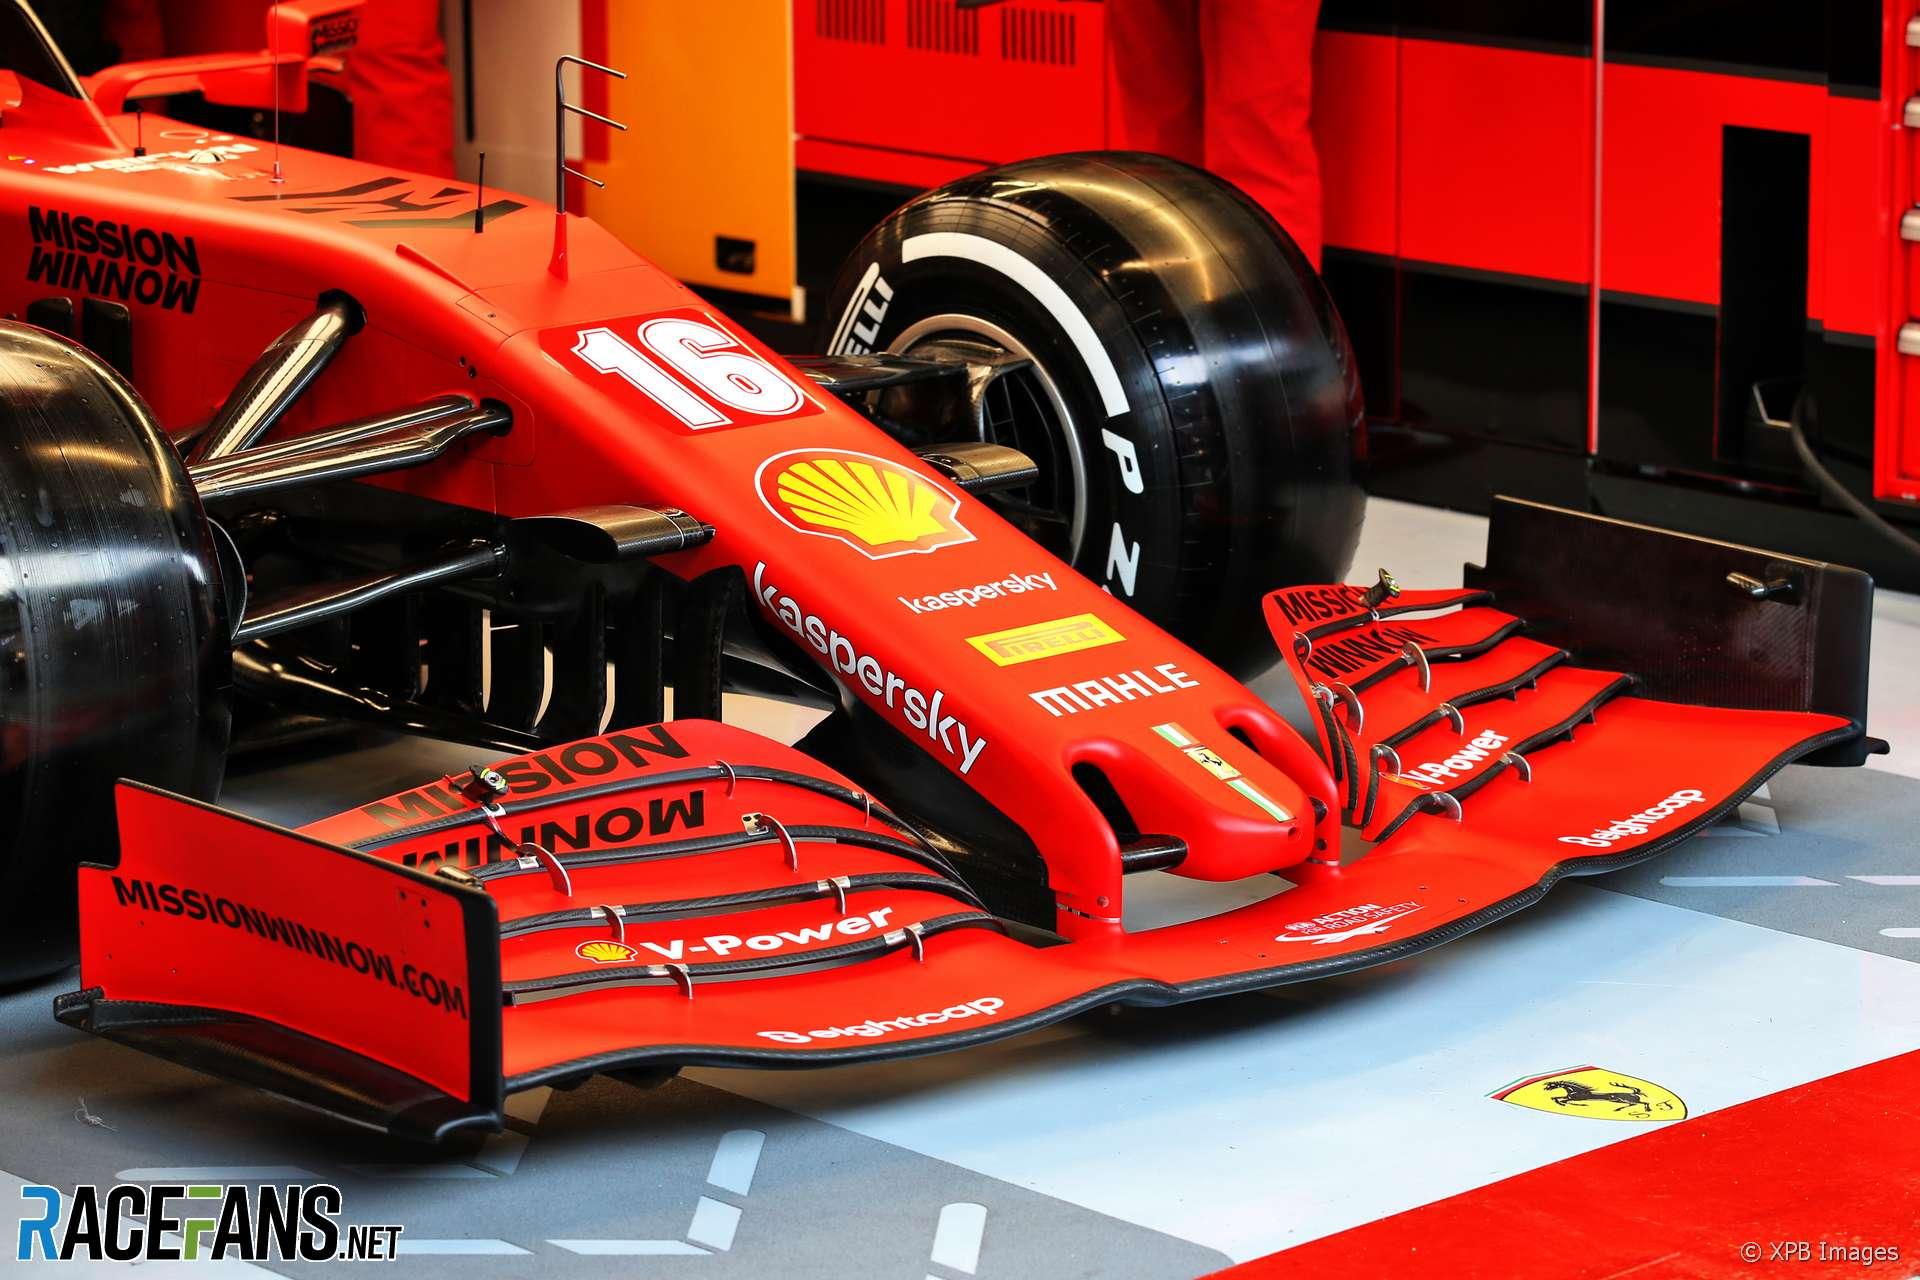 racefansdotnet-20200219-084552-9.jpg